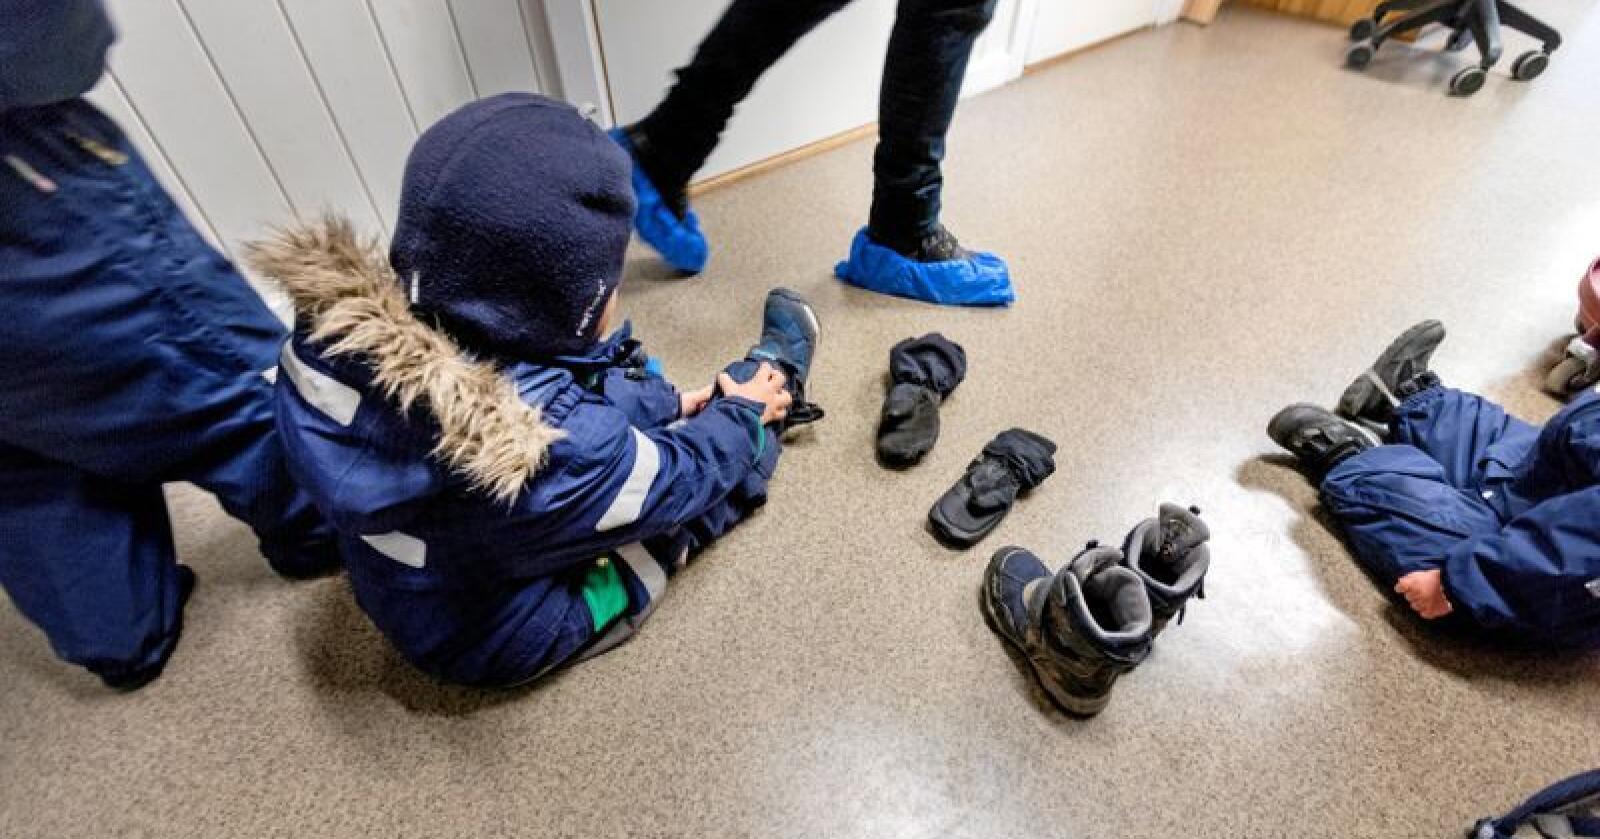 Barnehager: Private barnehager har skapt nye arbeidsplasser, skriver Anne Lindboe. Foto: Gorm Kallestad / NTB scanpix